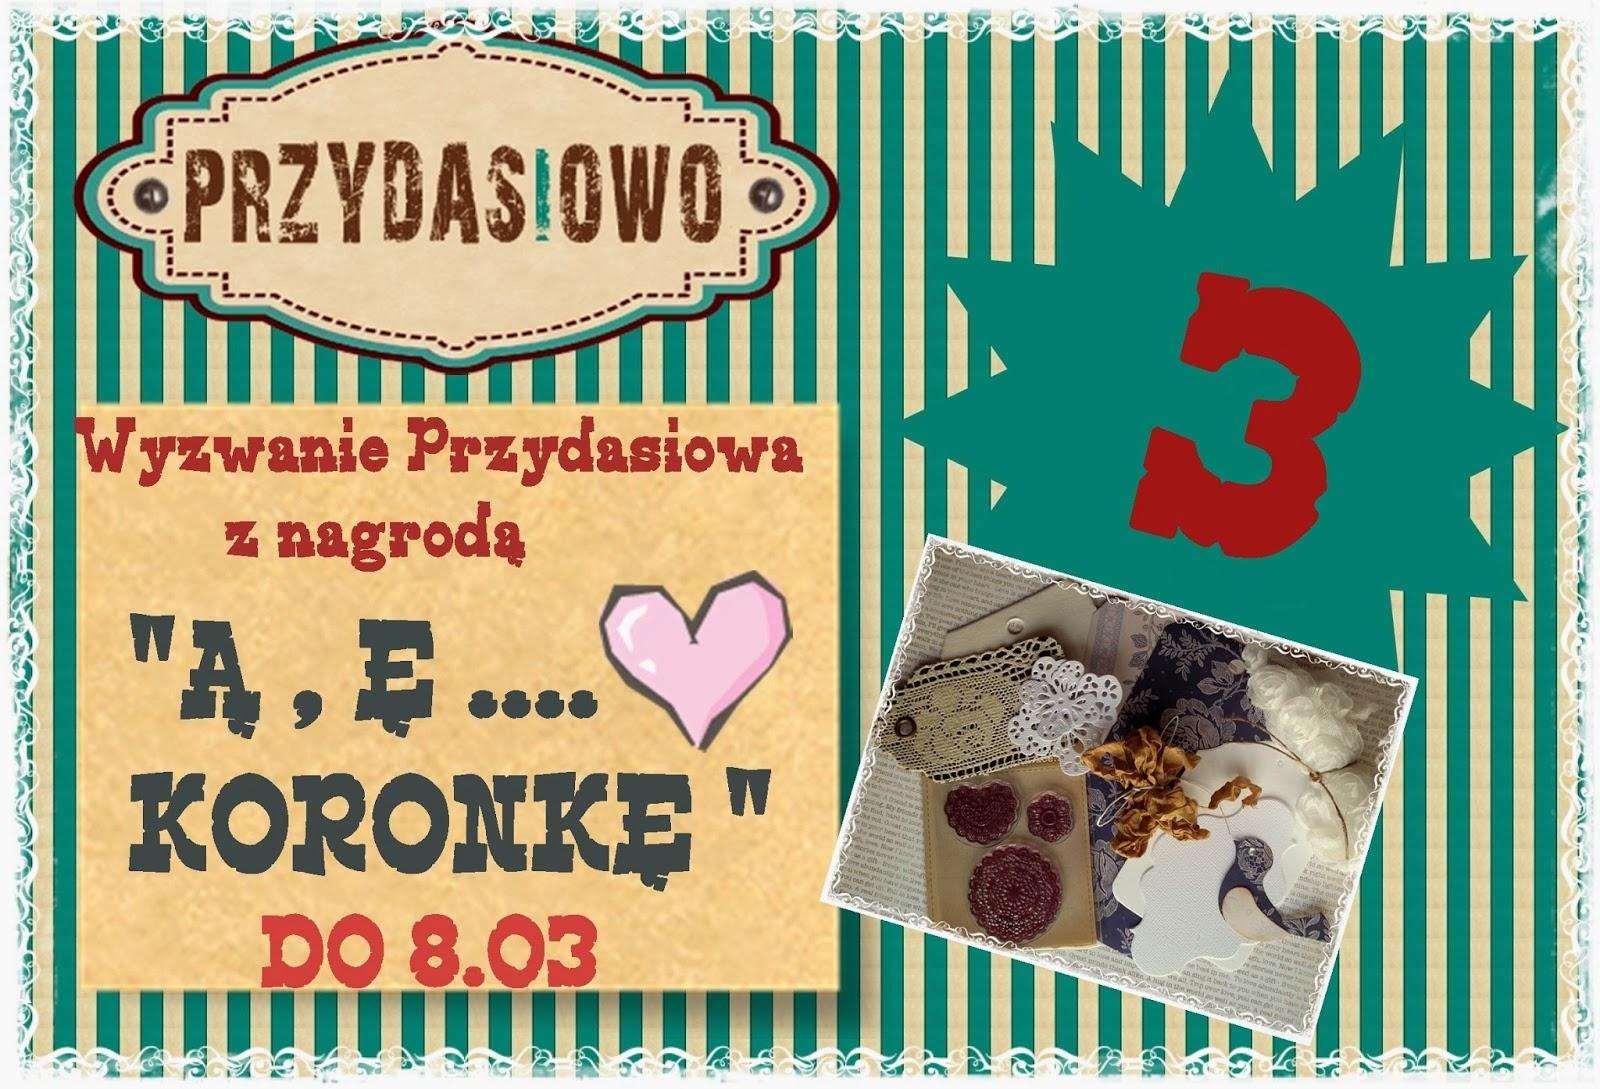 http://franki-przydasiowo.blogspot.com/2014/02/3-wyzwanie-przydasiowa-z-nagroda.html